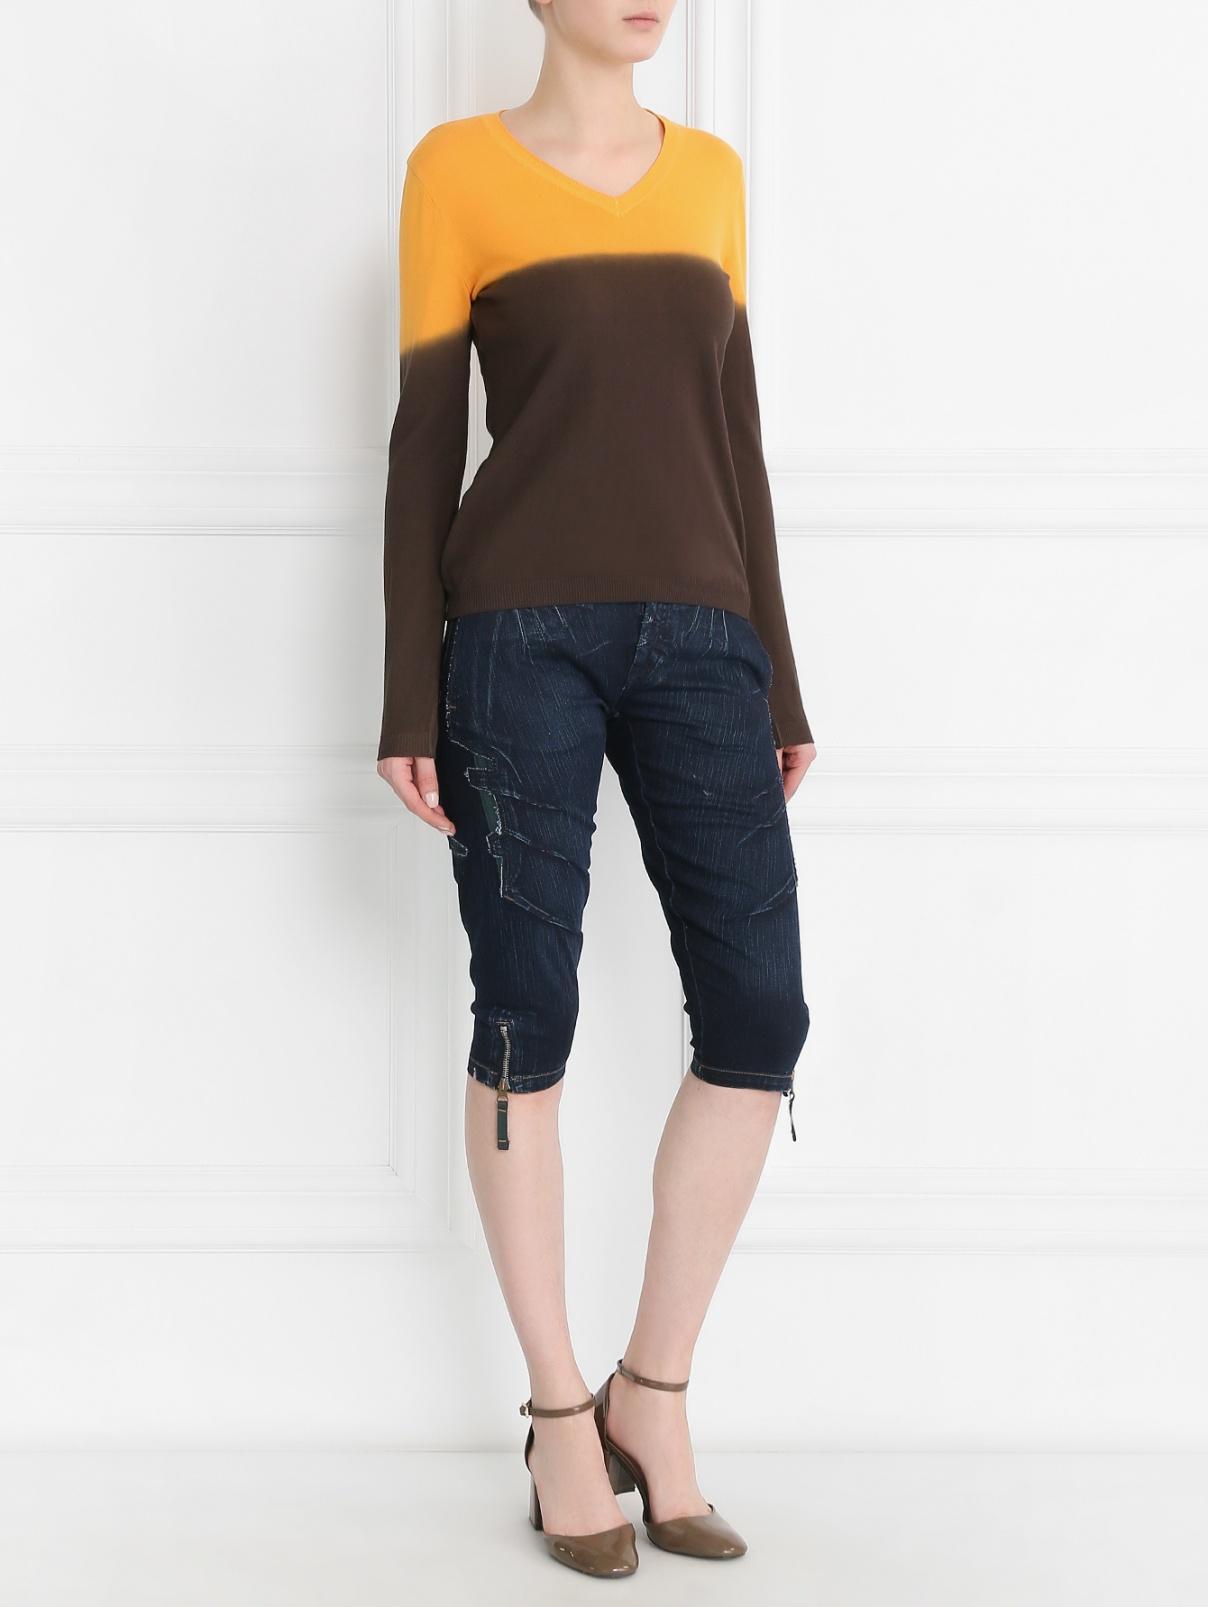 Джемпер из хлопка с контрастным переходом Moschino  –  Модель Общий вид